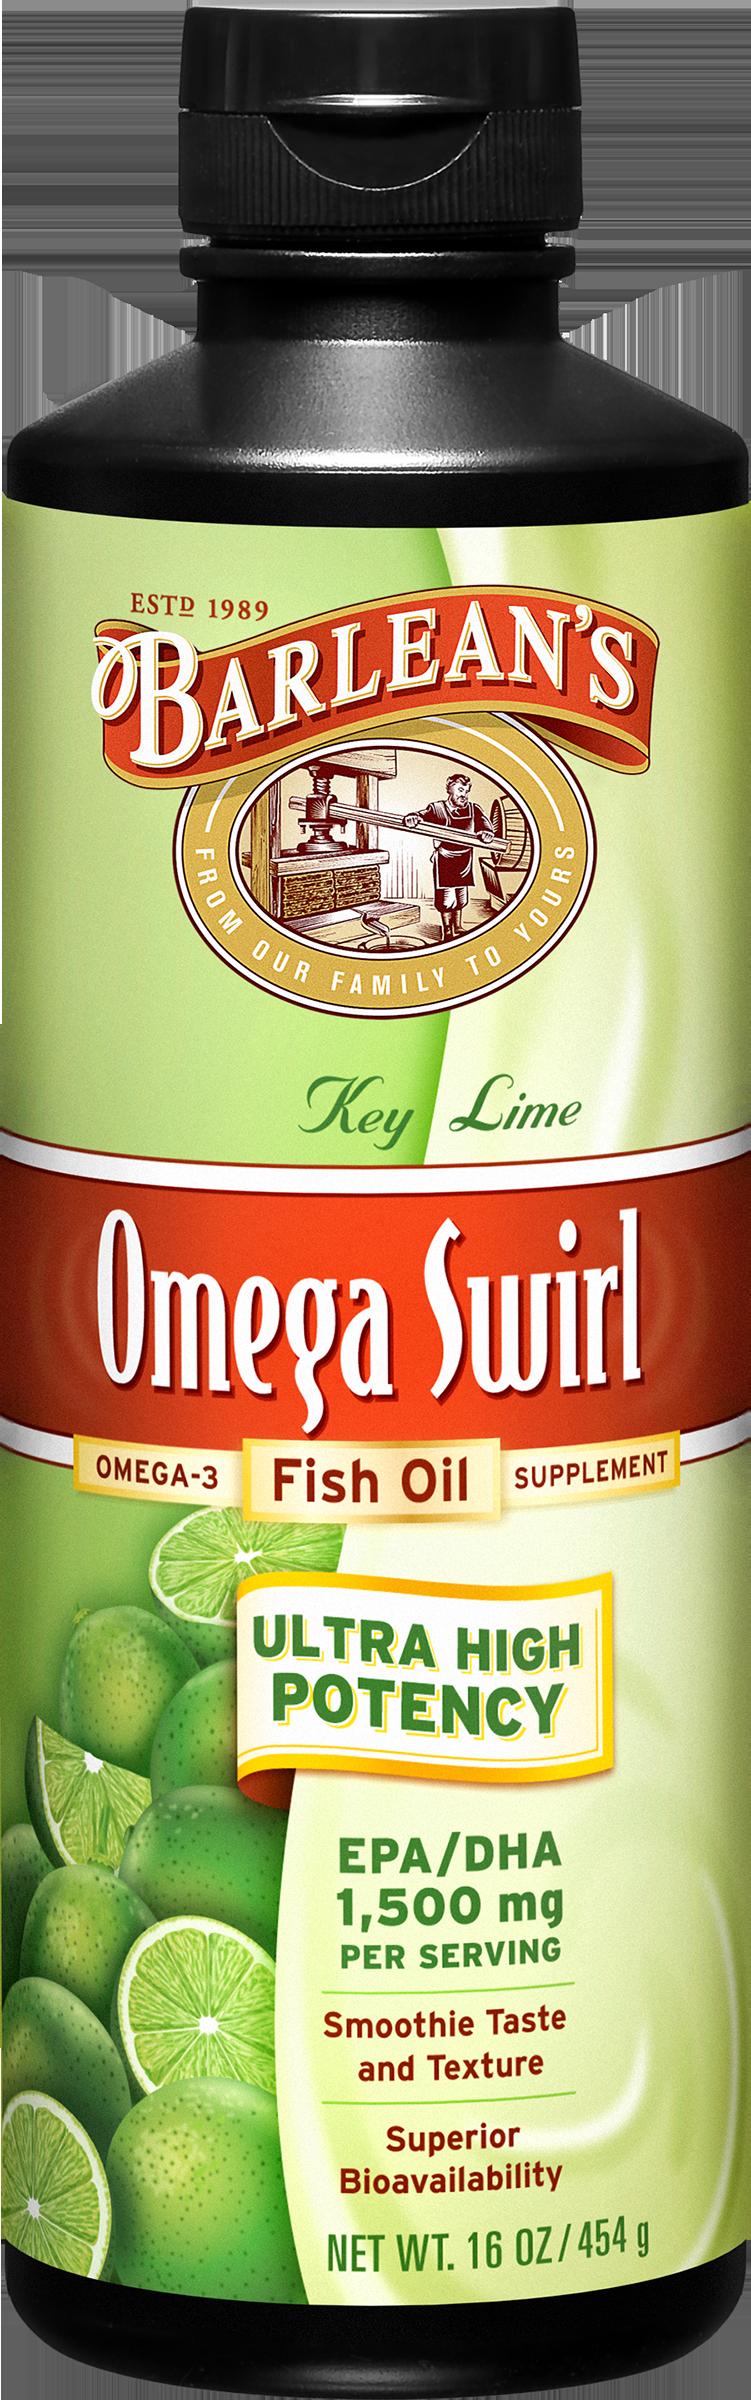 Omega Swirl by Barlean's